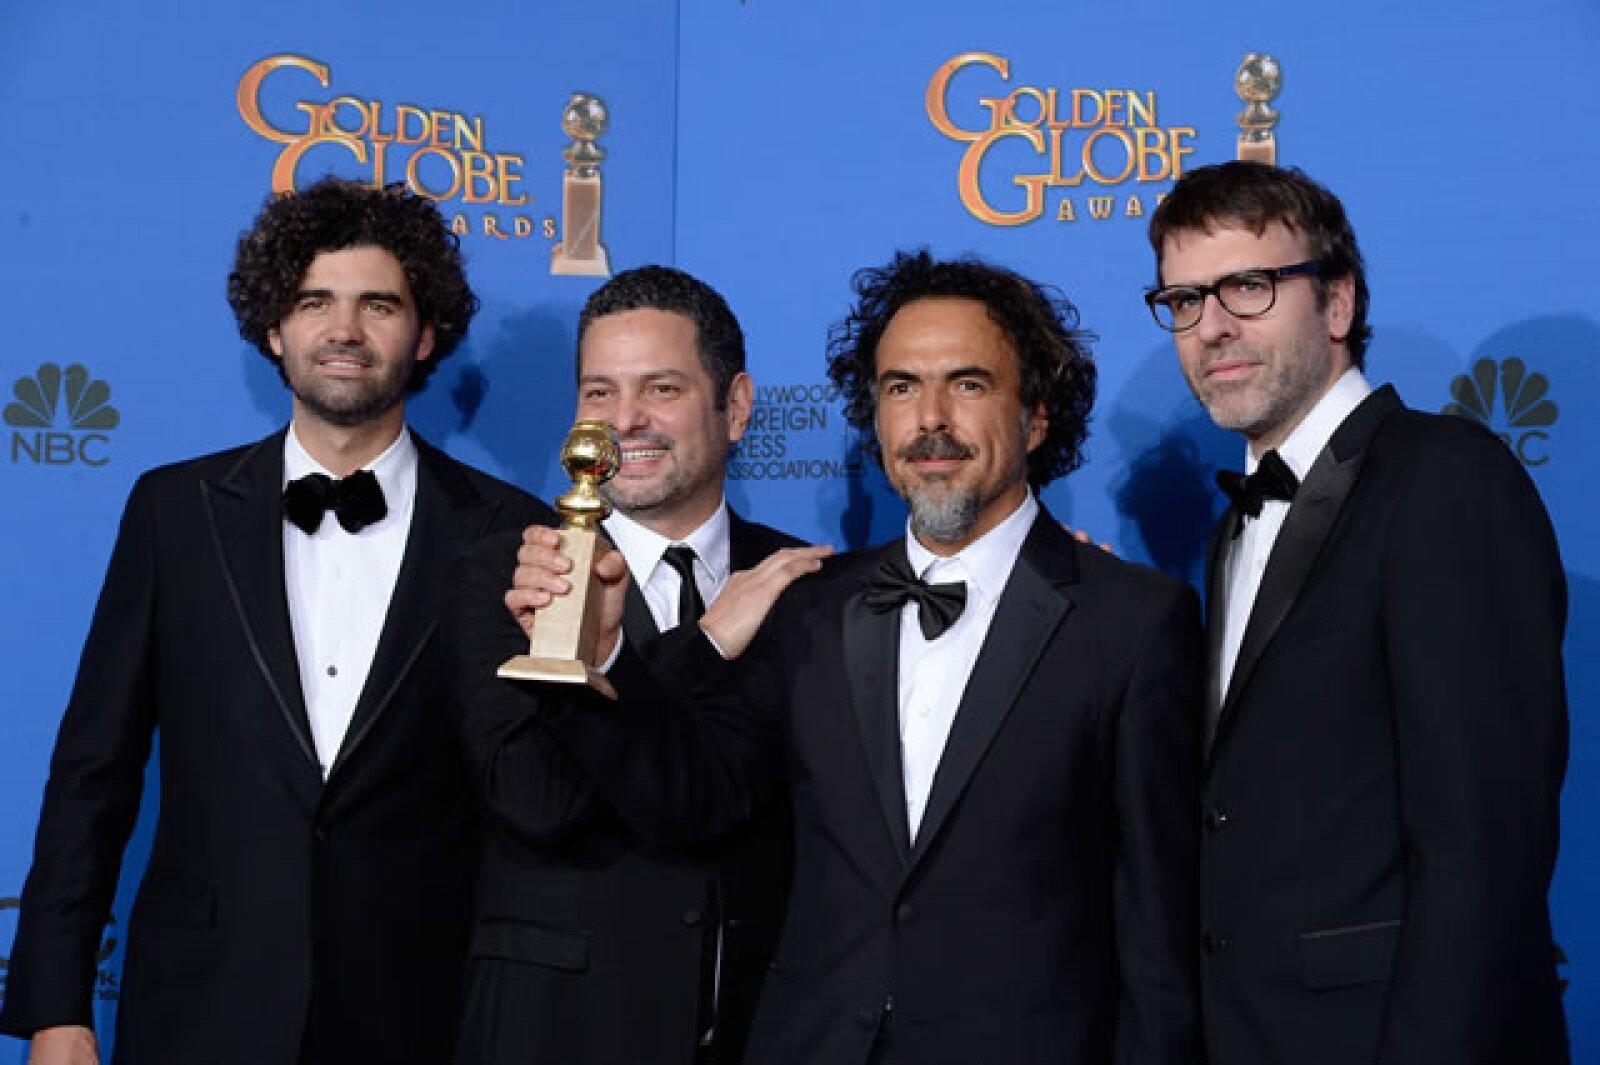 El mexicano Alejandro González Iñárritu, junto con Armando Bo, Alexander Dinelaris y Nicolas Giacobone se llevó la estatuilla en la categoría Mejor guión por Birdman.